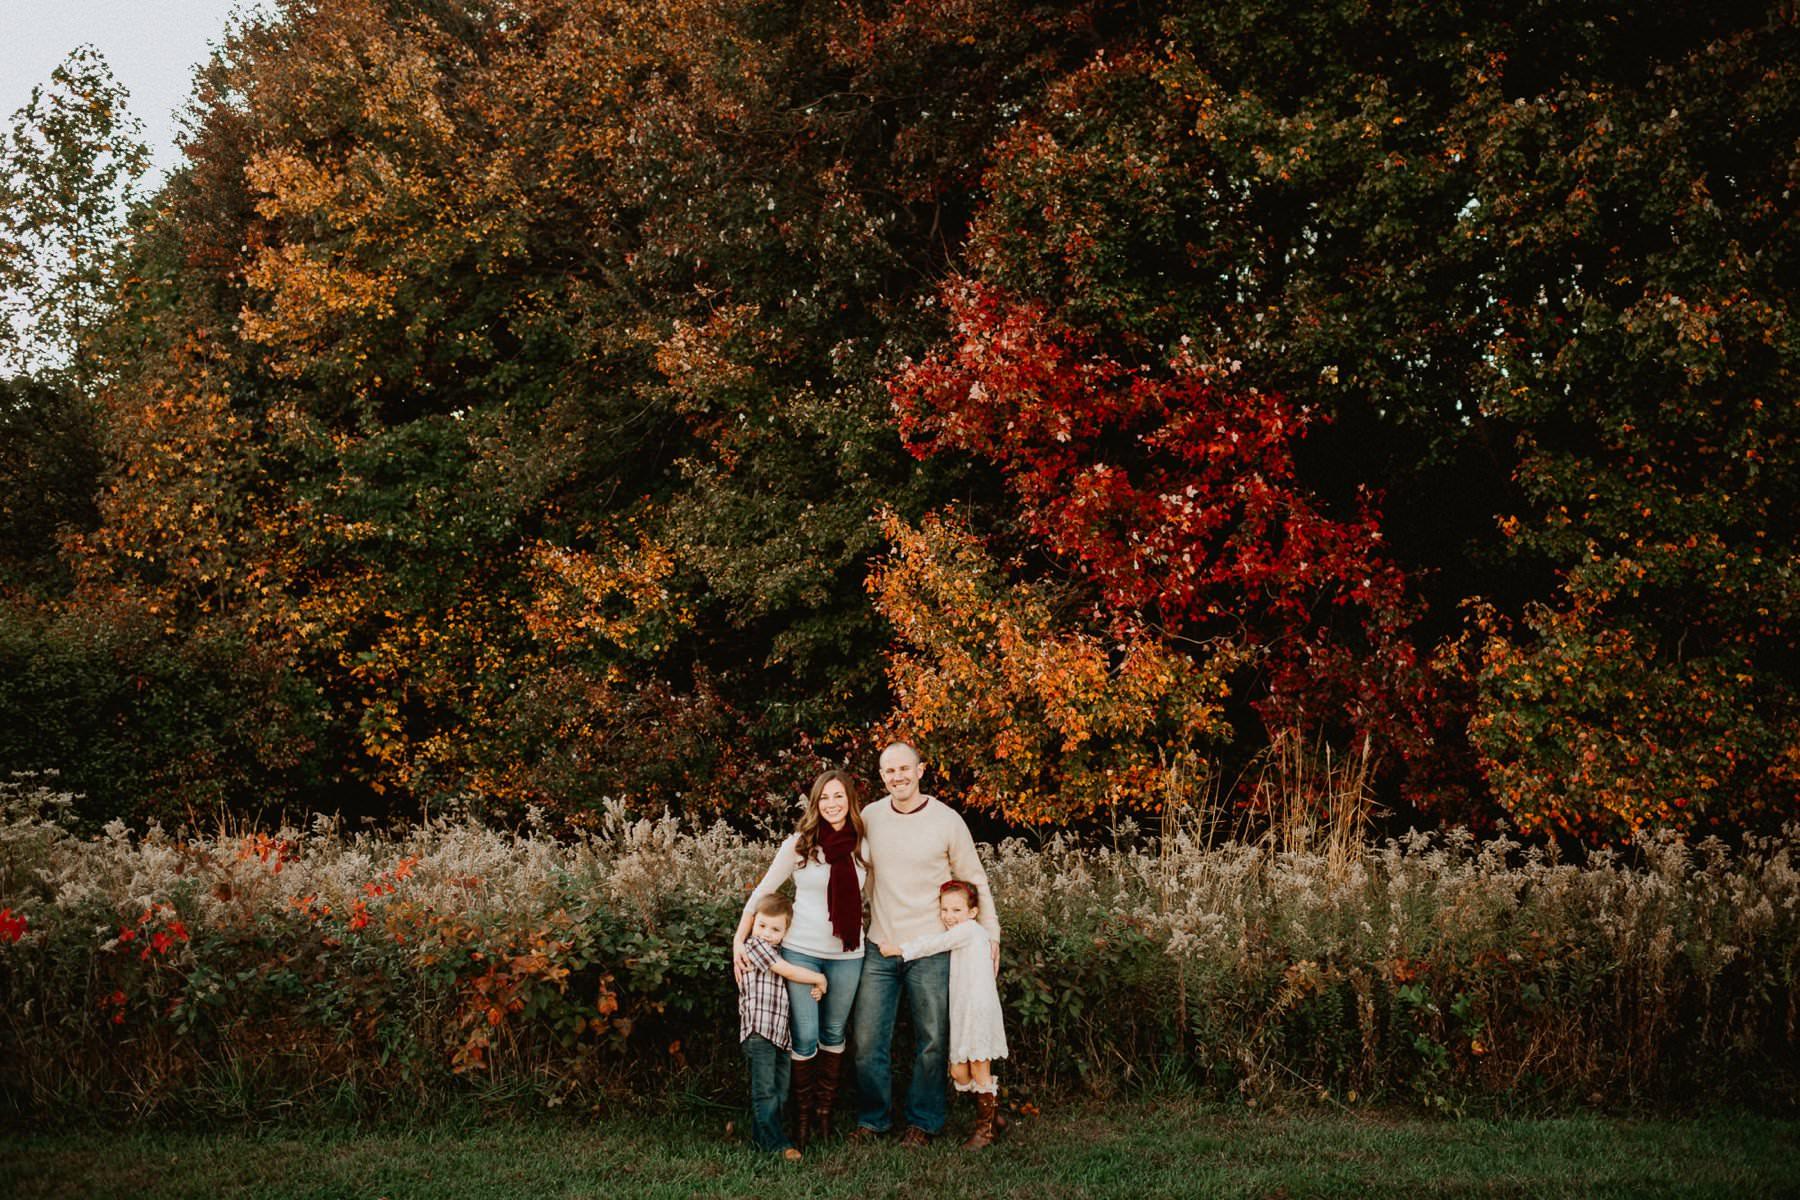 Delaware-family-photographer-28.jpg